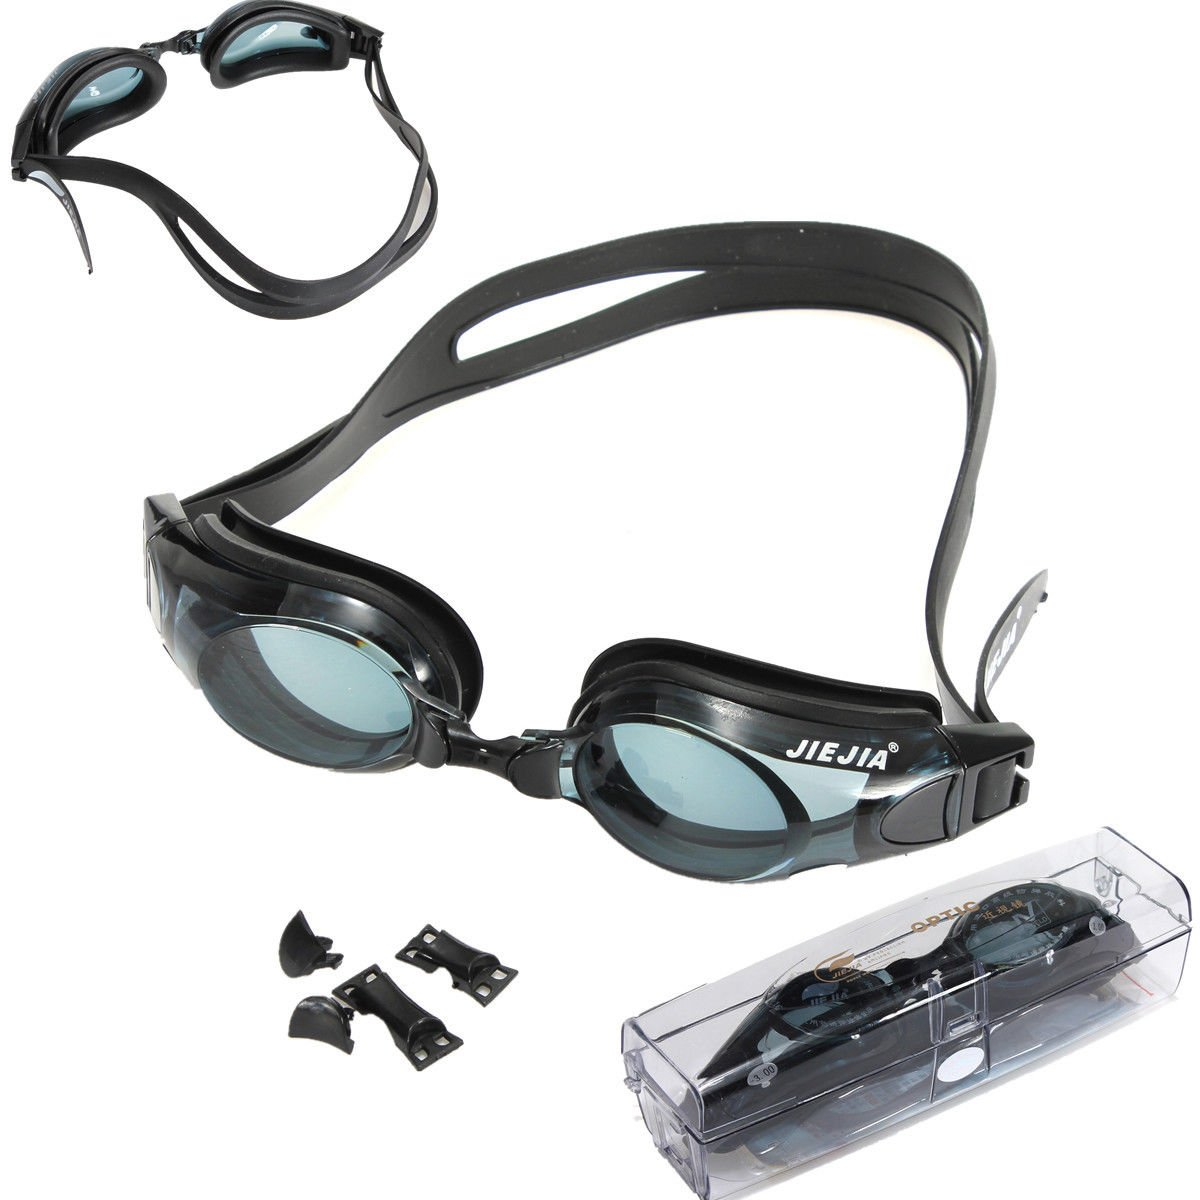 ブラック水泳用プロフェッショナル光学近視近視用ゴーグルメガネ-2.00 to - 6.00 B072N3995V